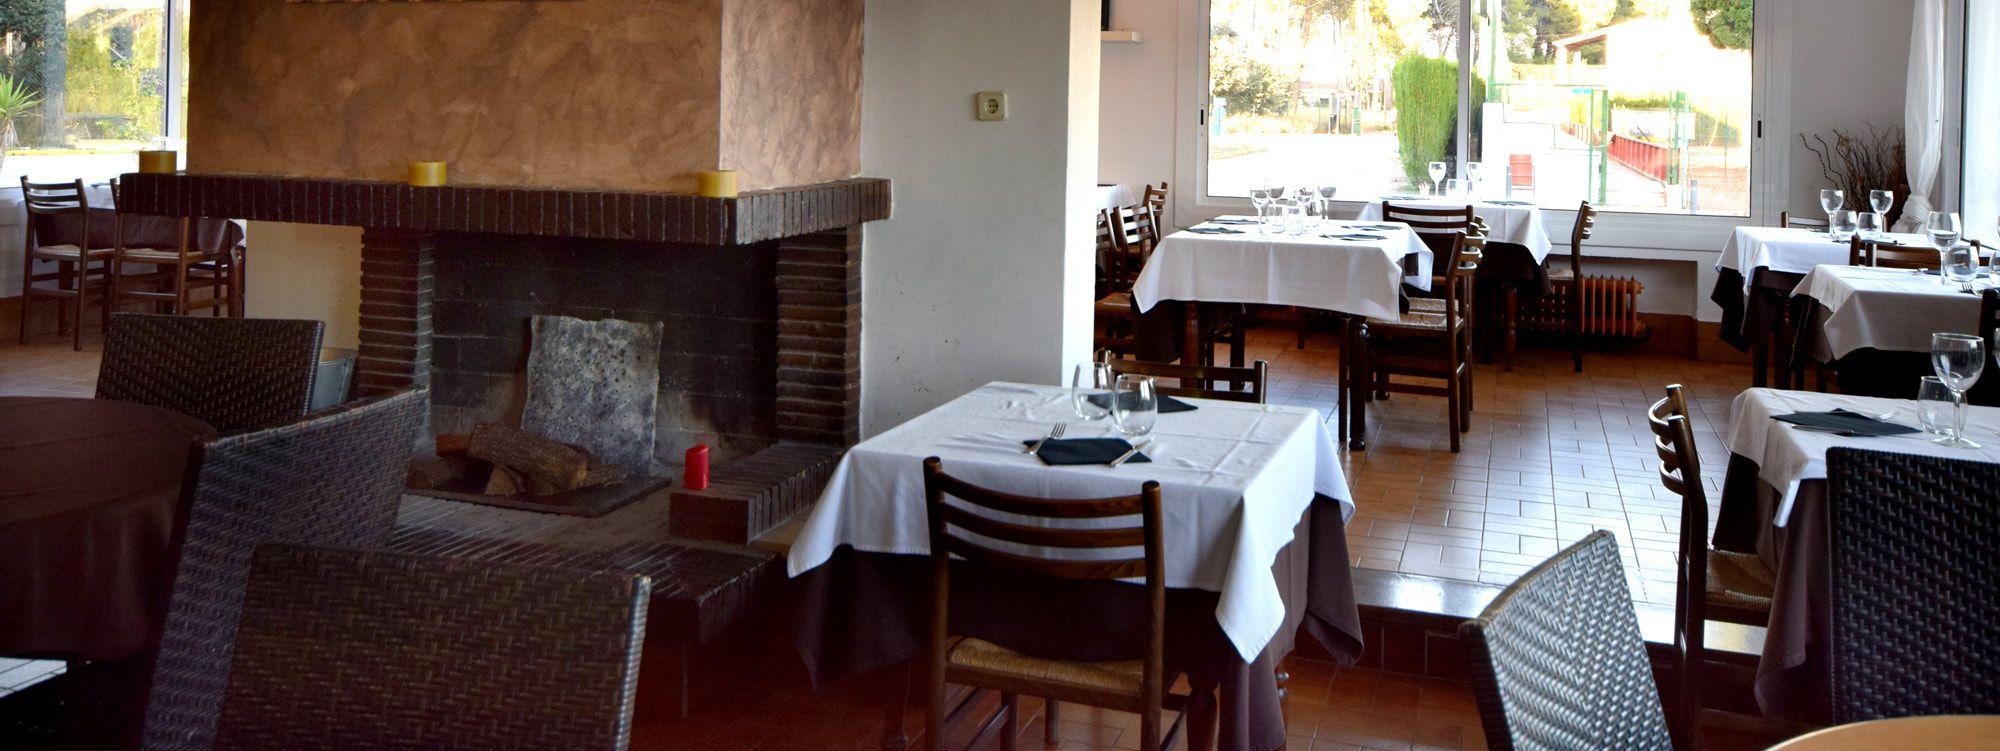 Restaurante menú diario en Pacs del Penedès